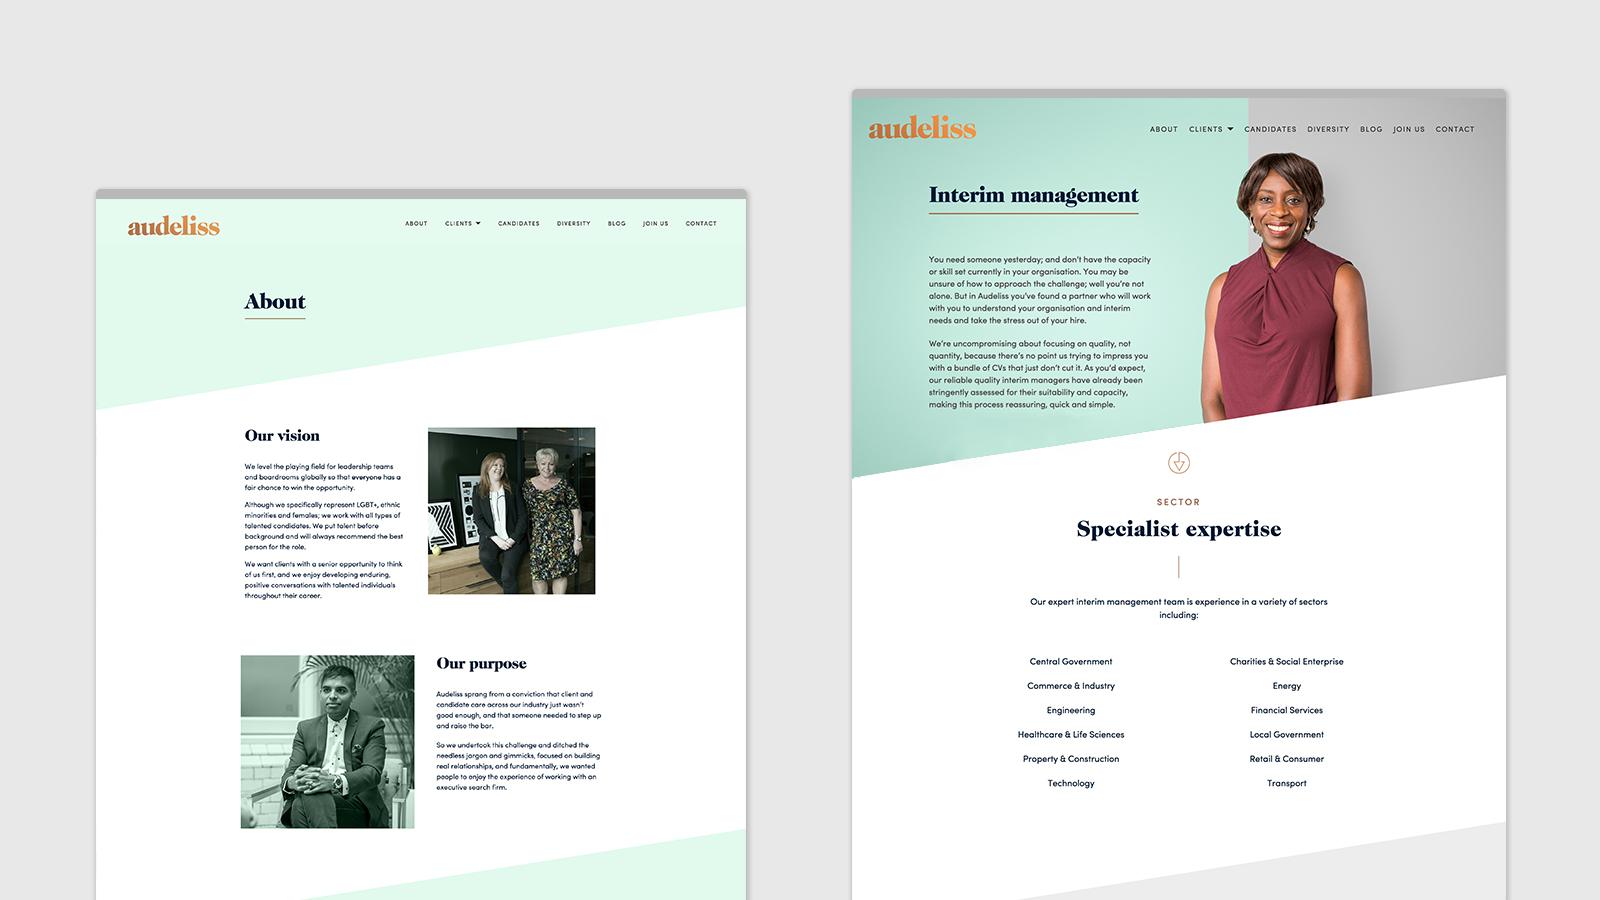 audeliss-website-06